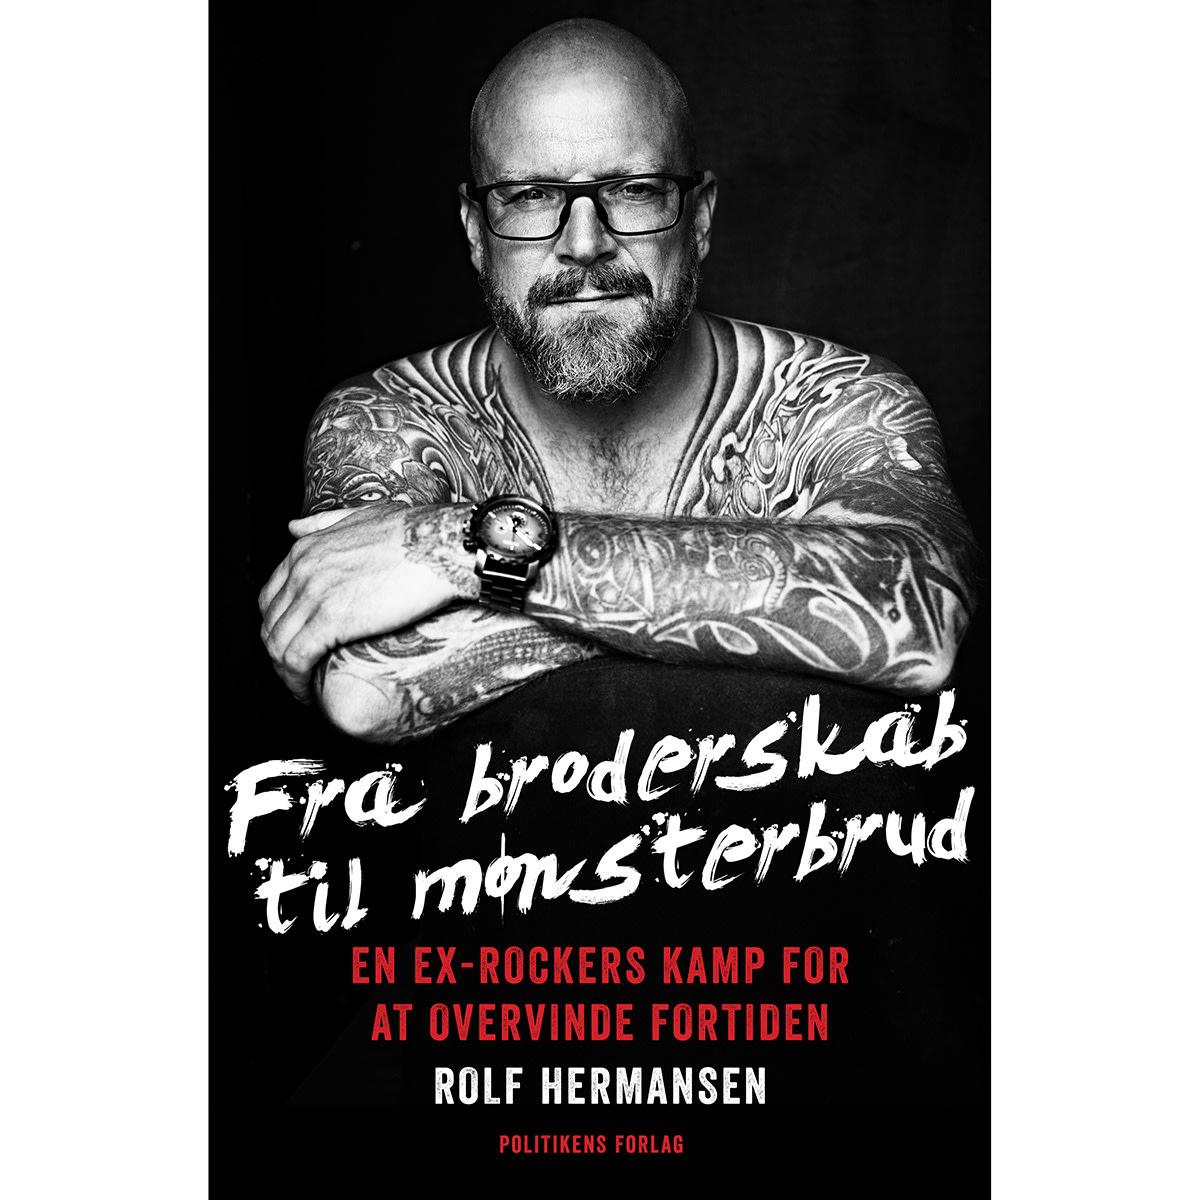 Af Rolf Hermansen